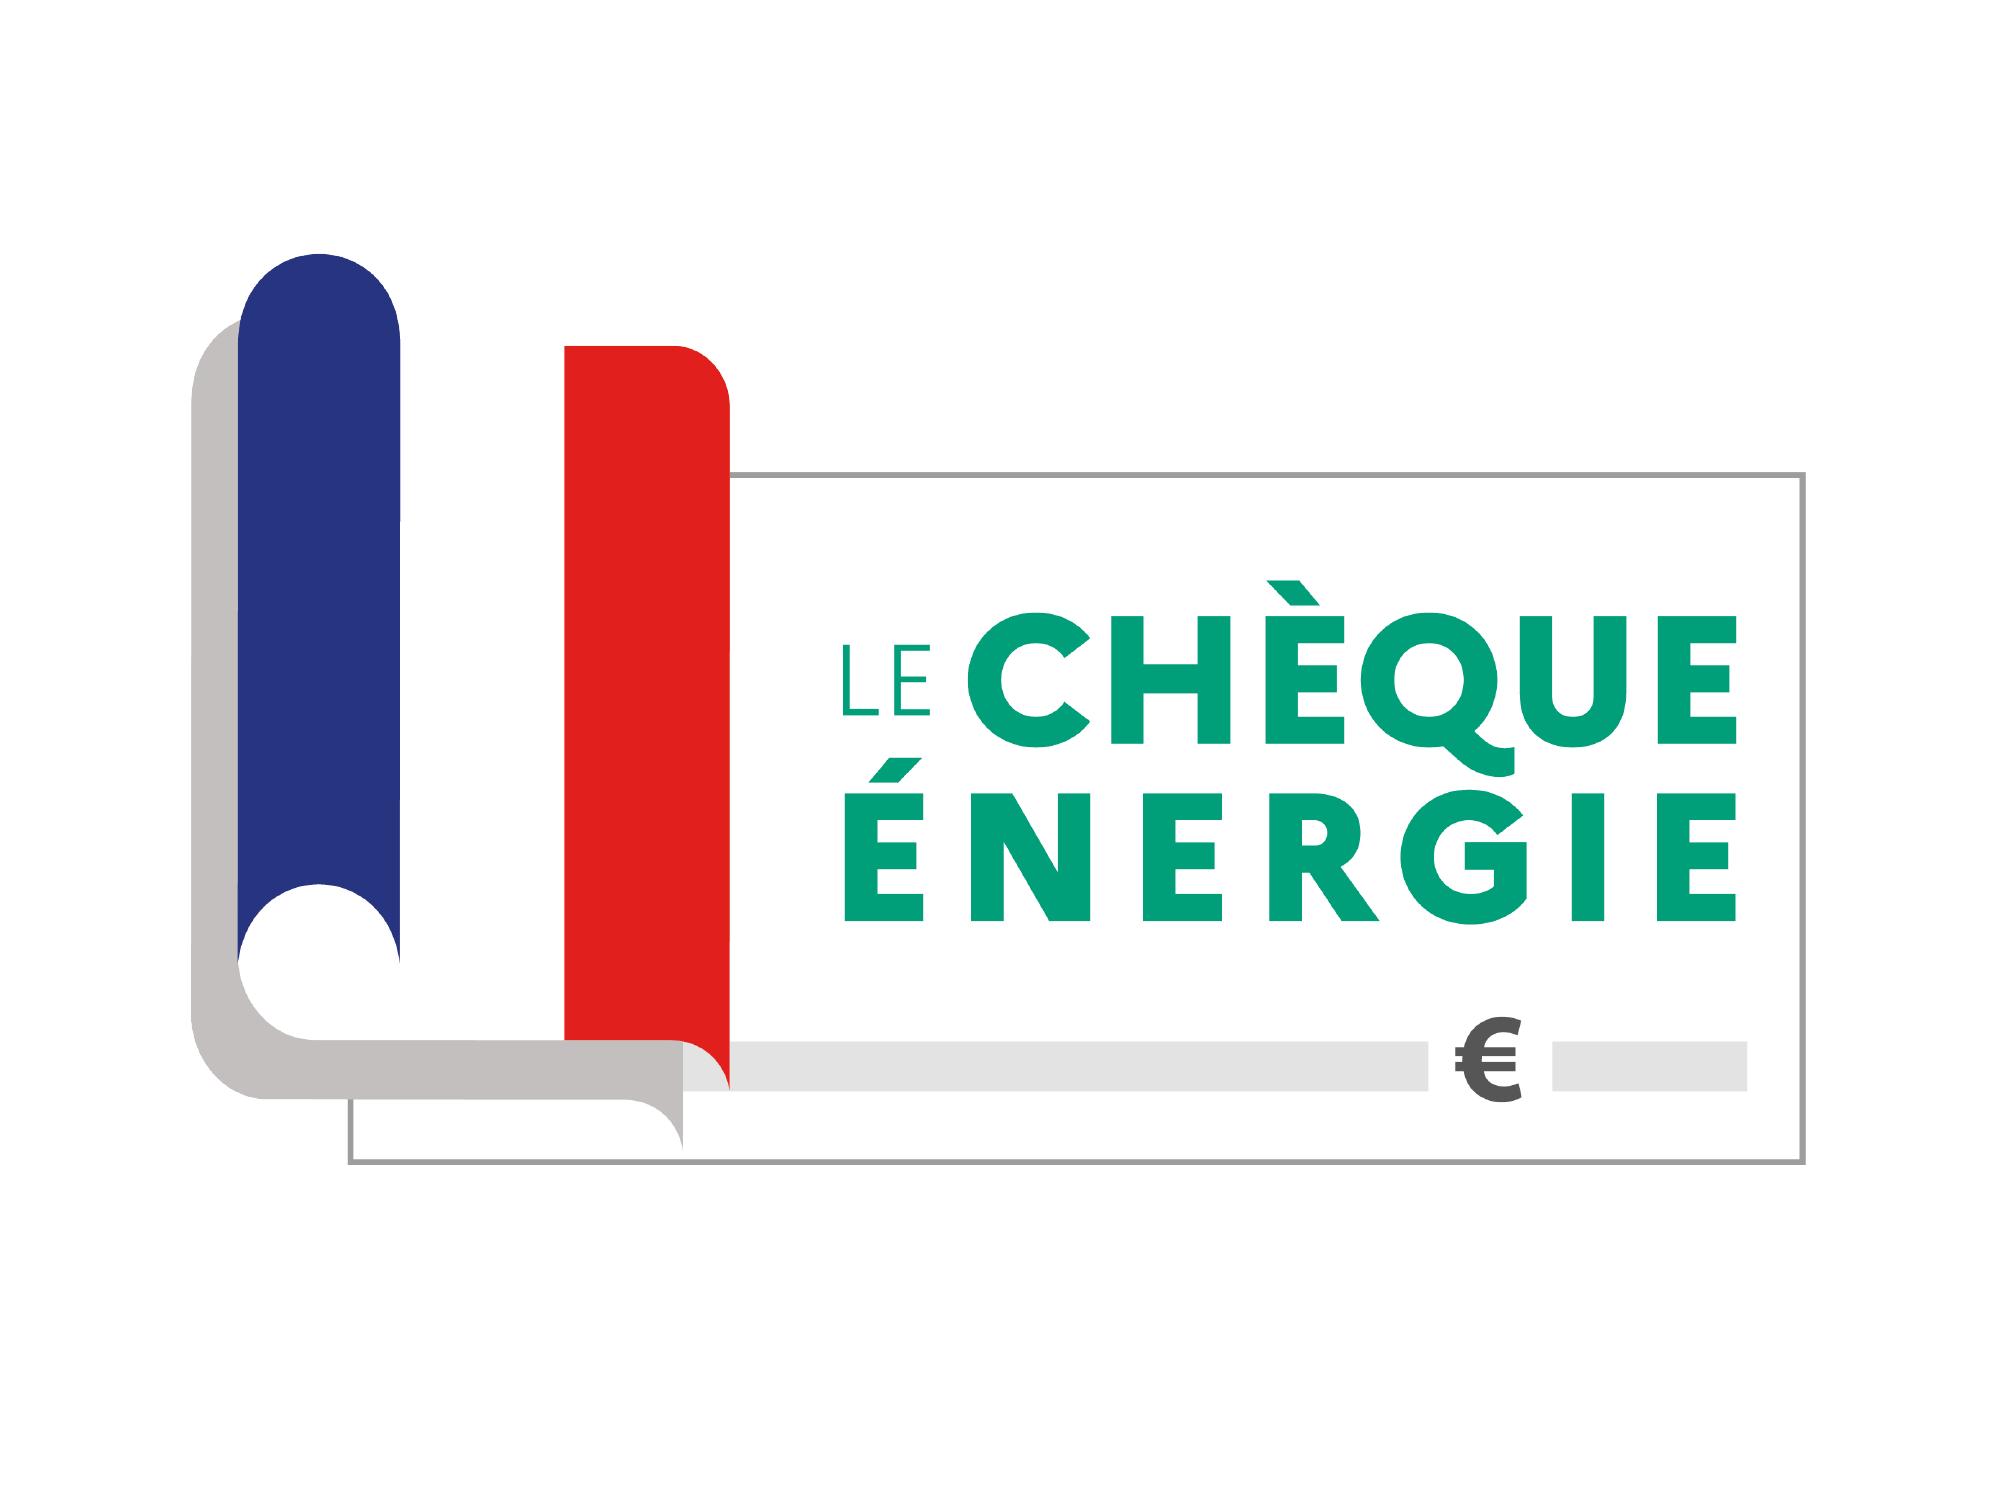 Le chèque énergie pour payer les charges de votre logement